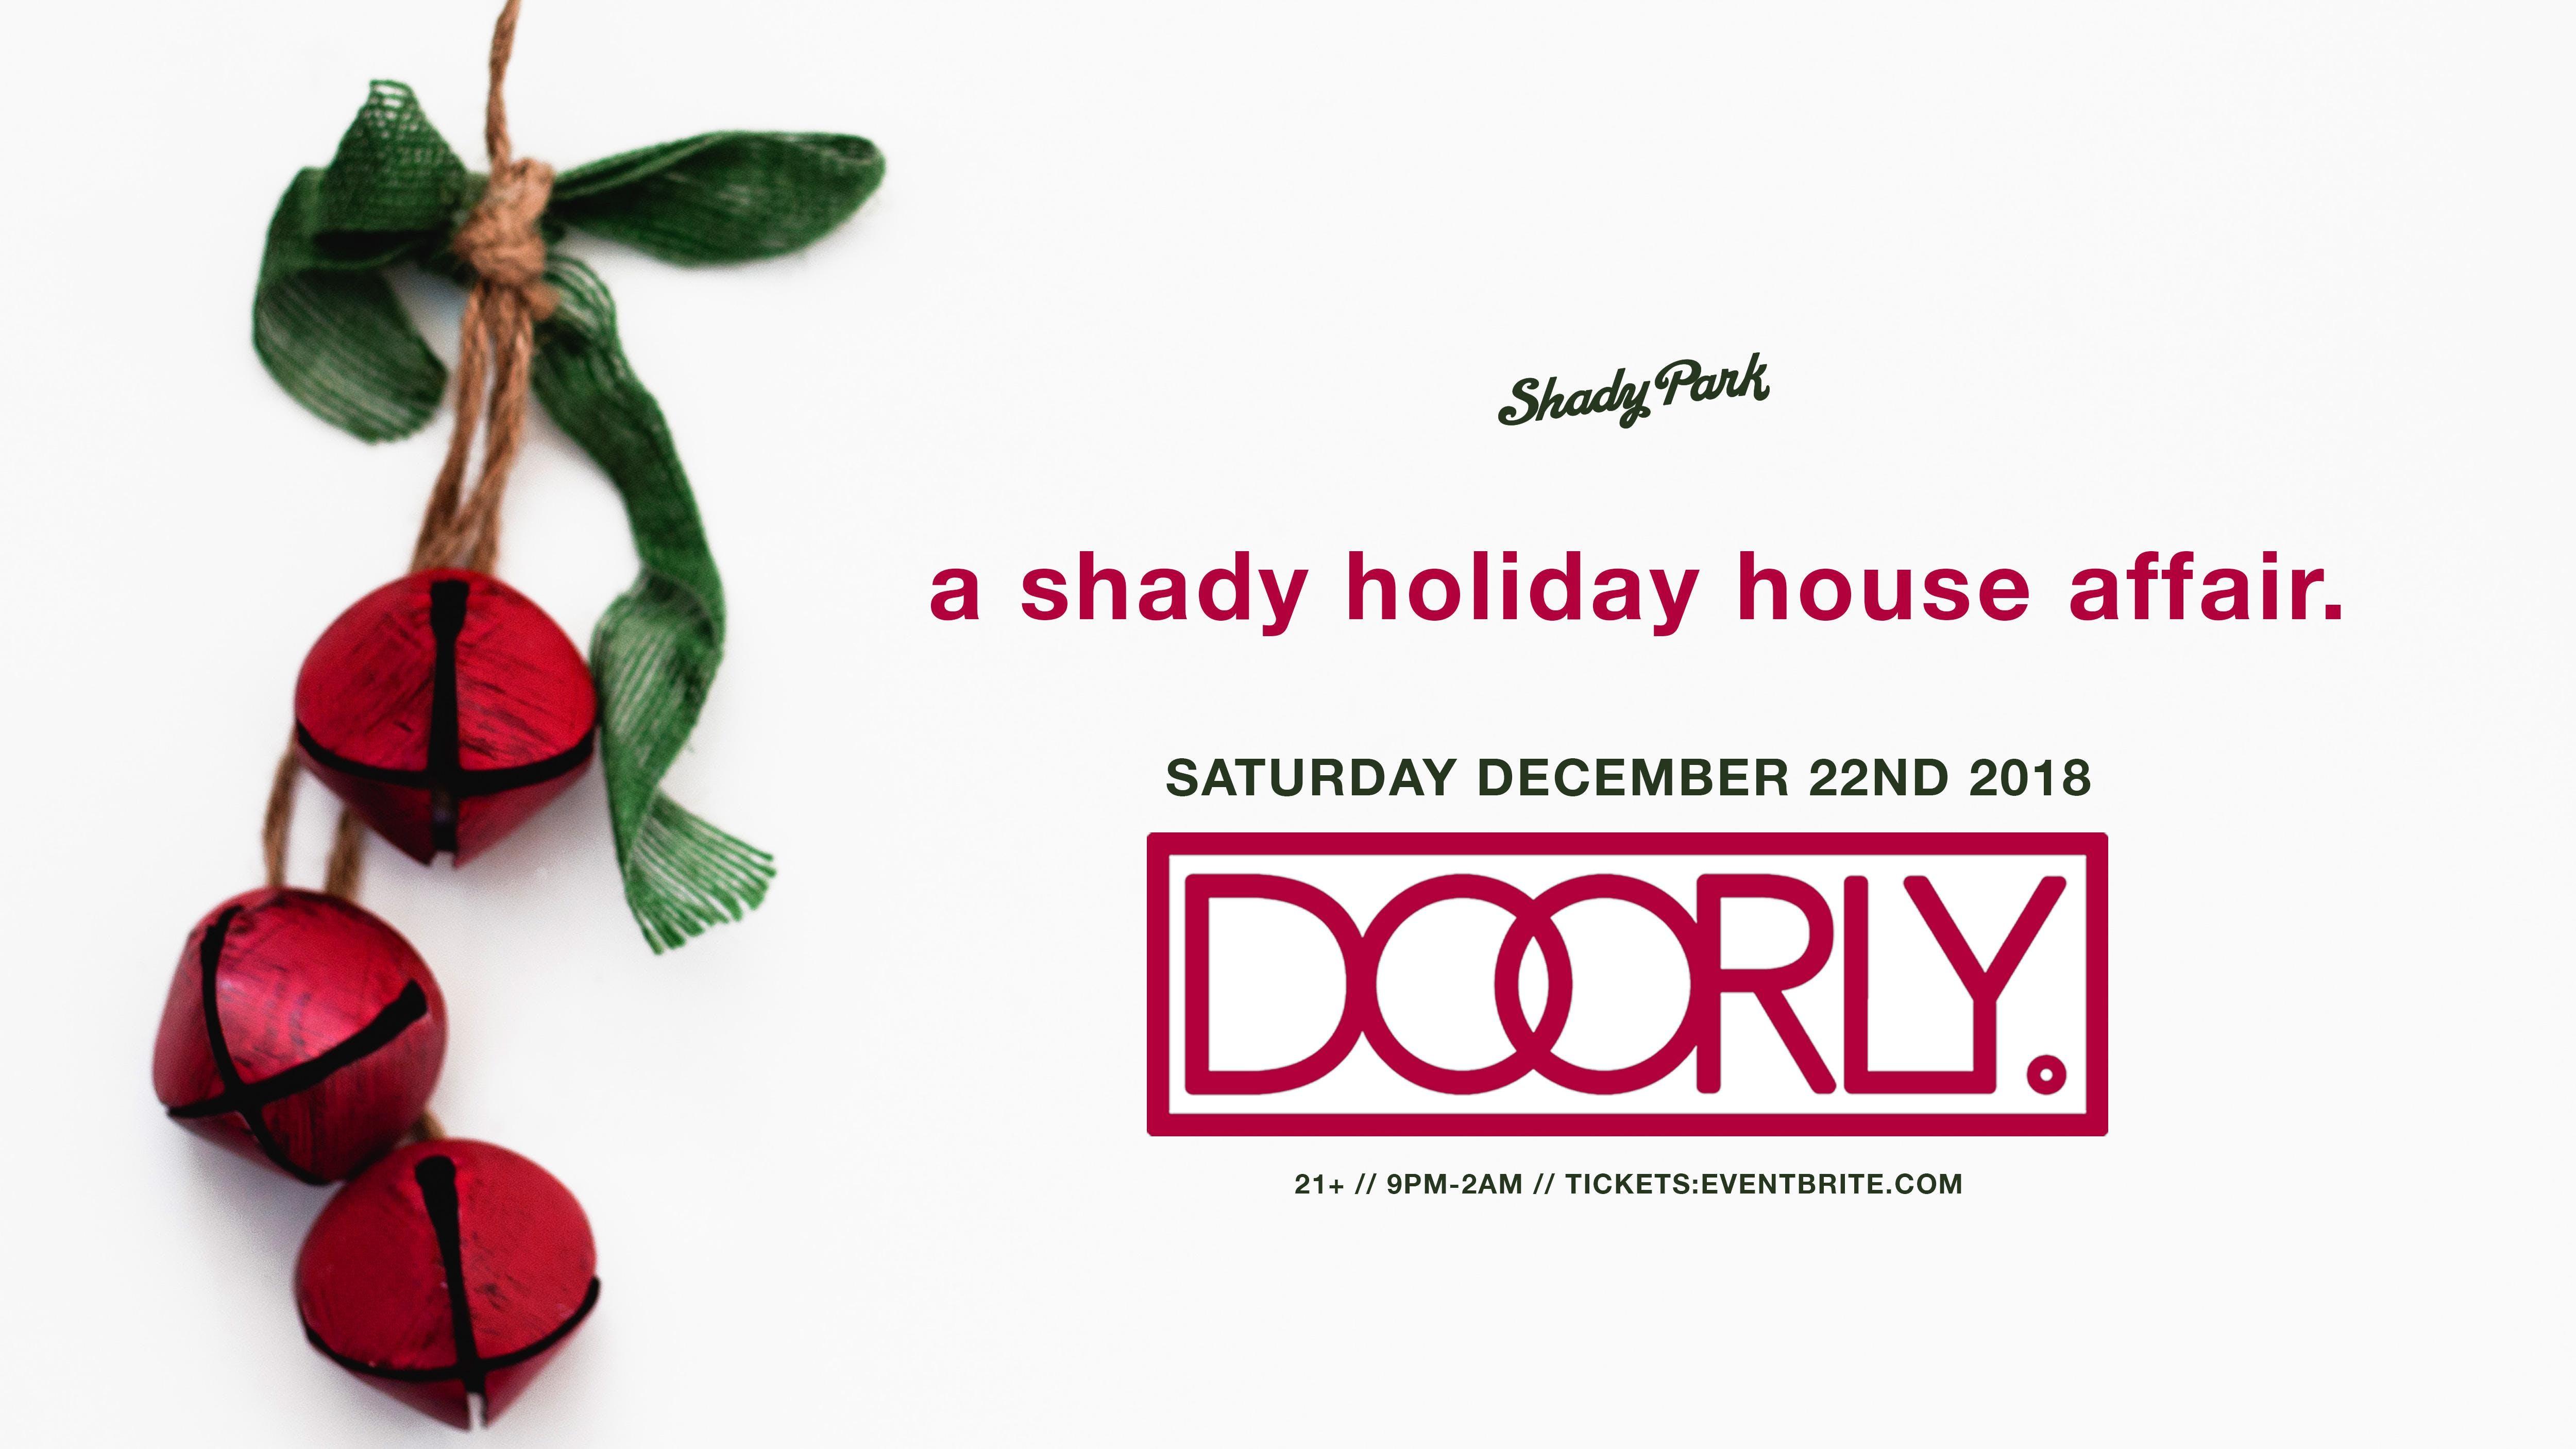 Doorly at Shady Park: a shady holiday house affair